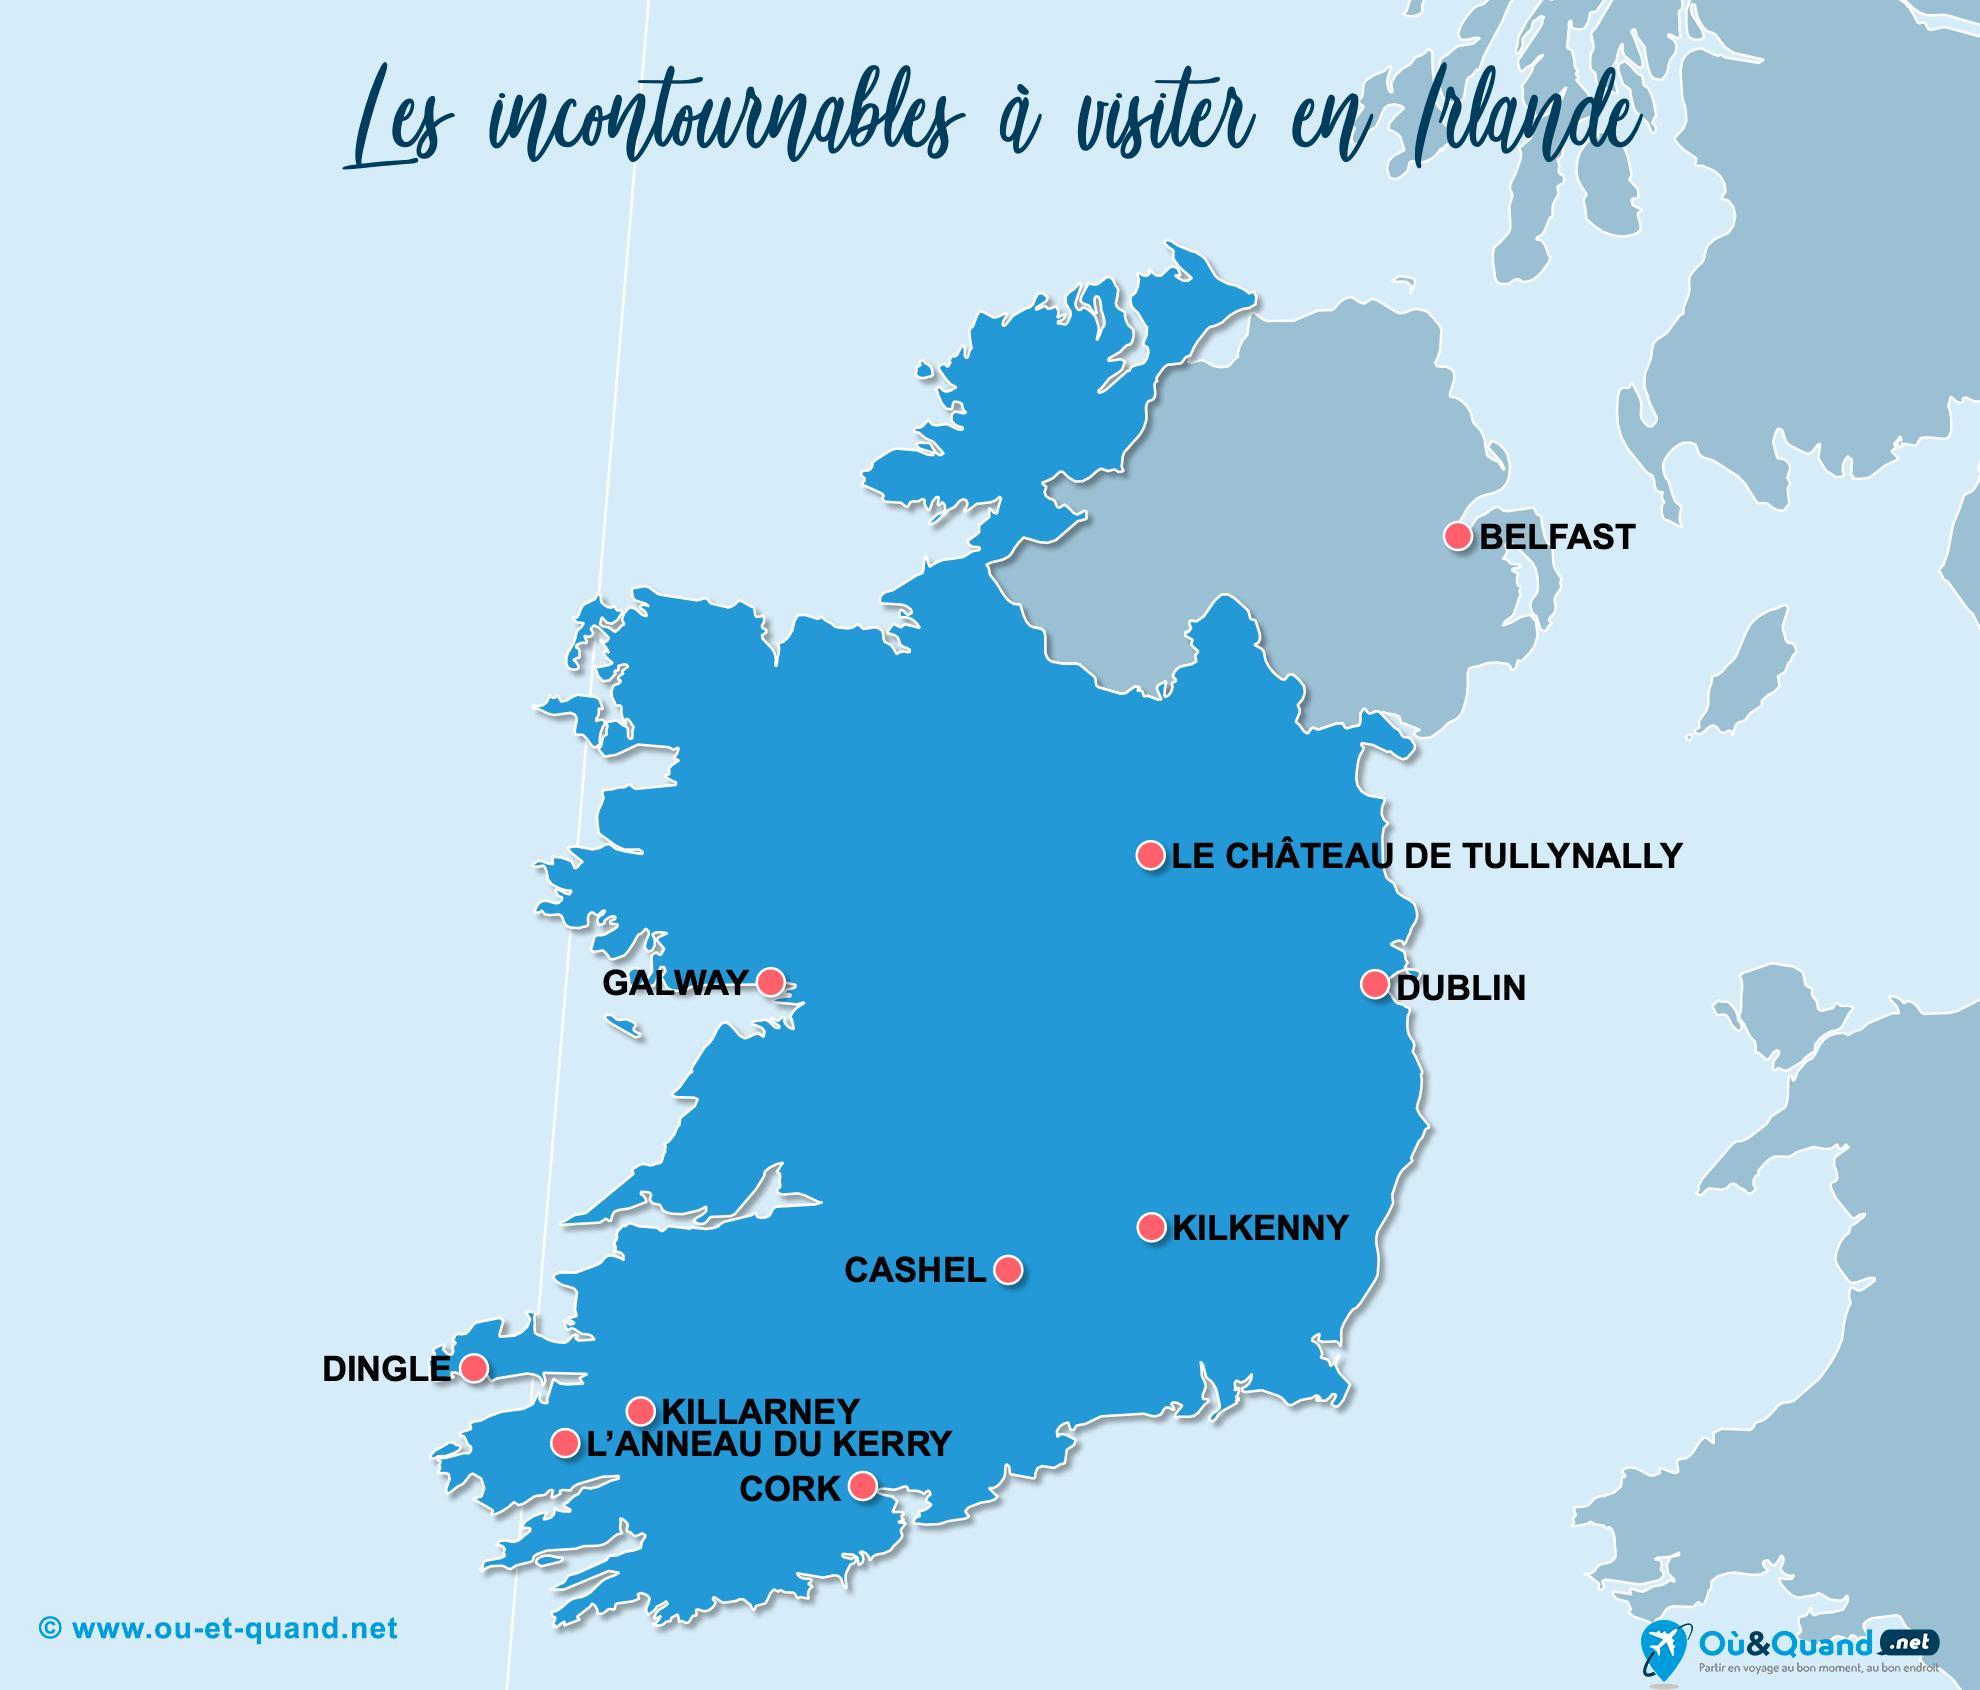 Carte Incontournables Irlande (Éire)